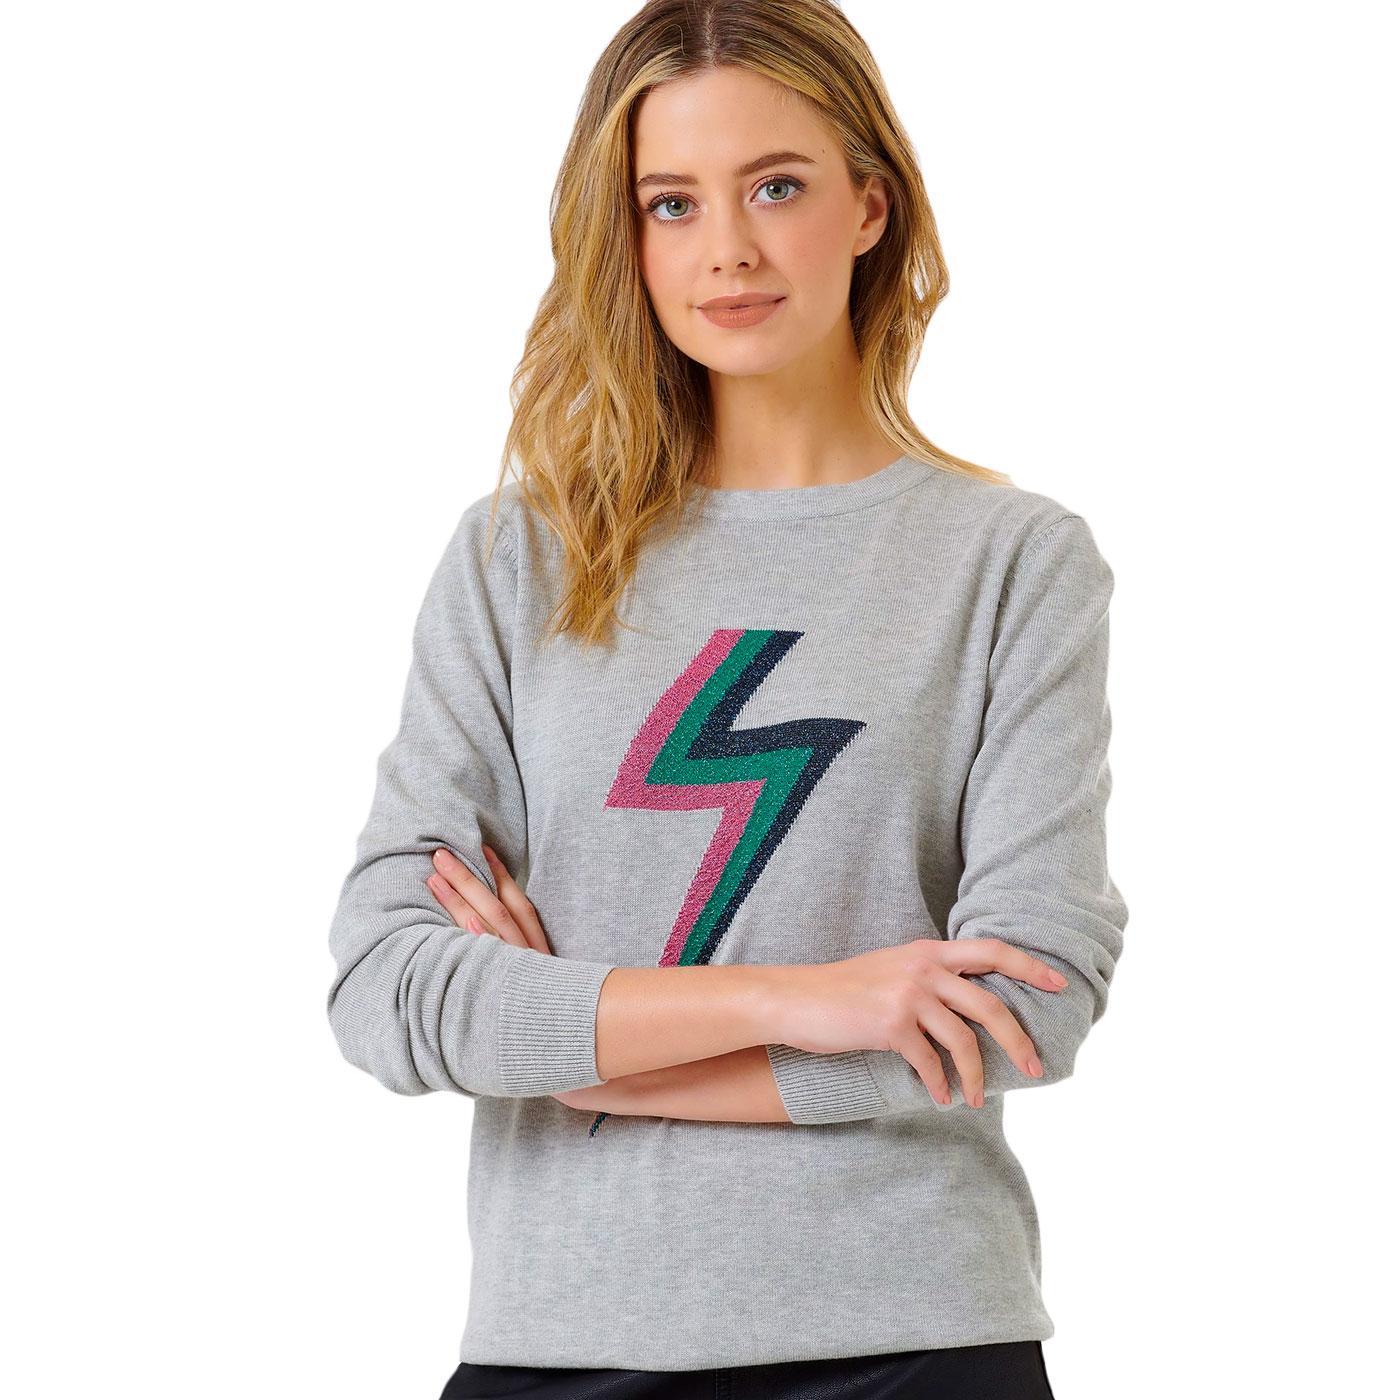 Rita SUGARHILL BRIGHTON Flash Of Lightning Sweater